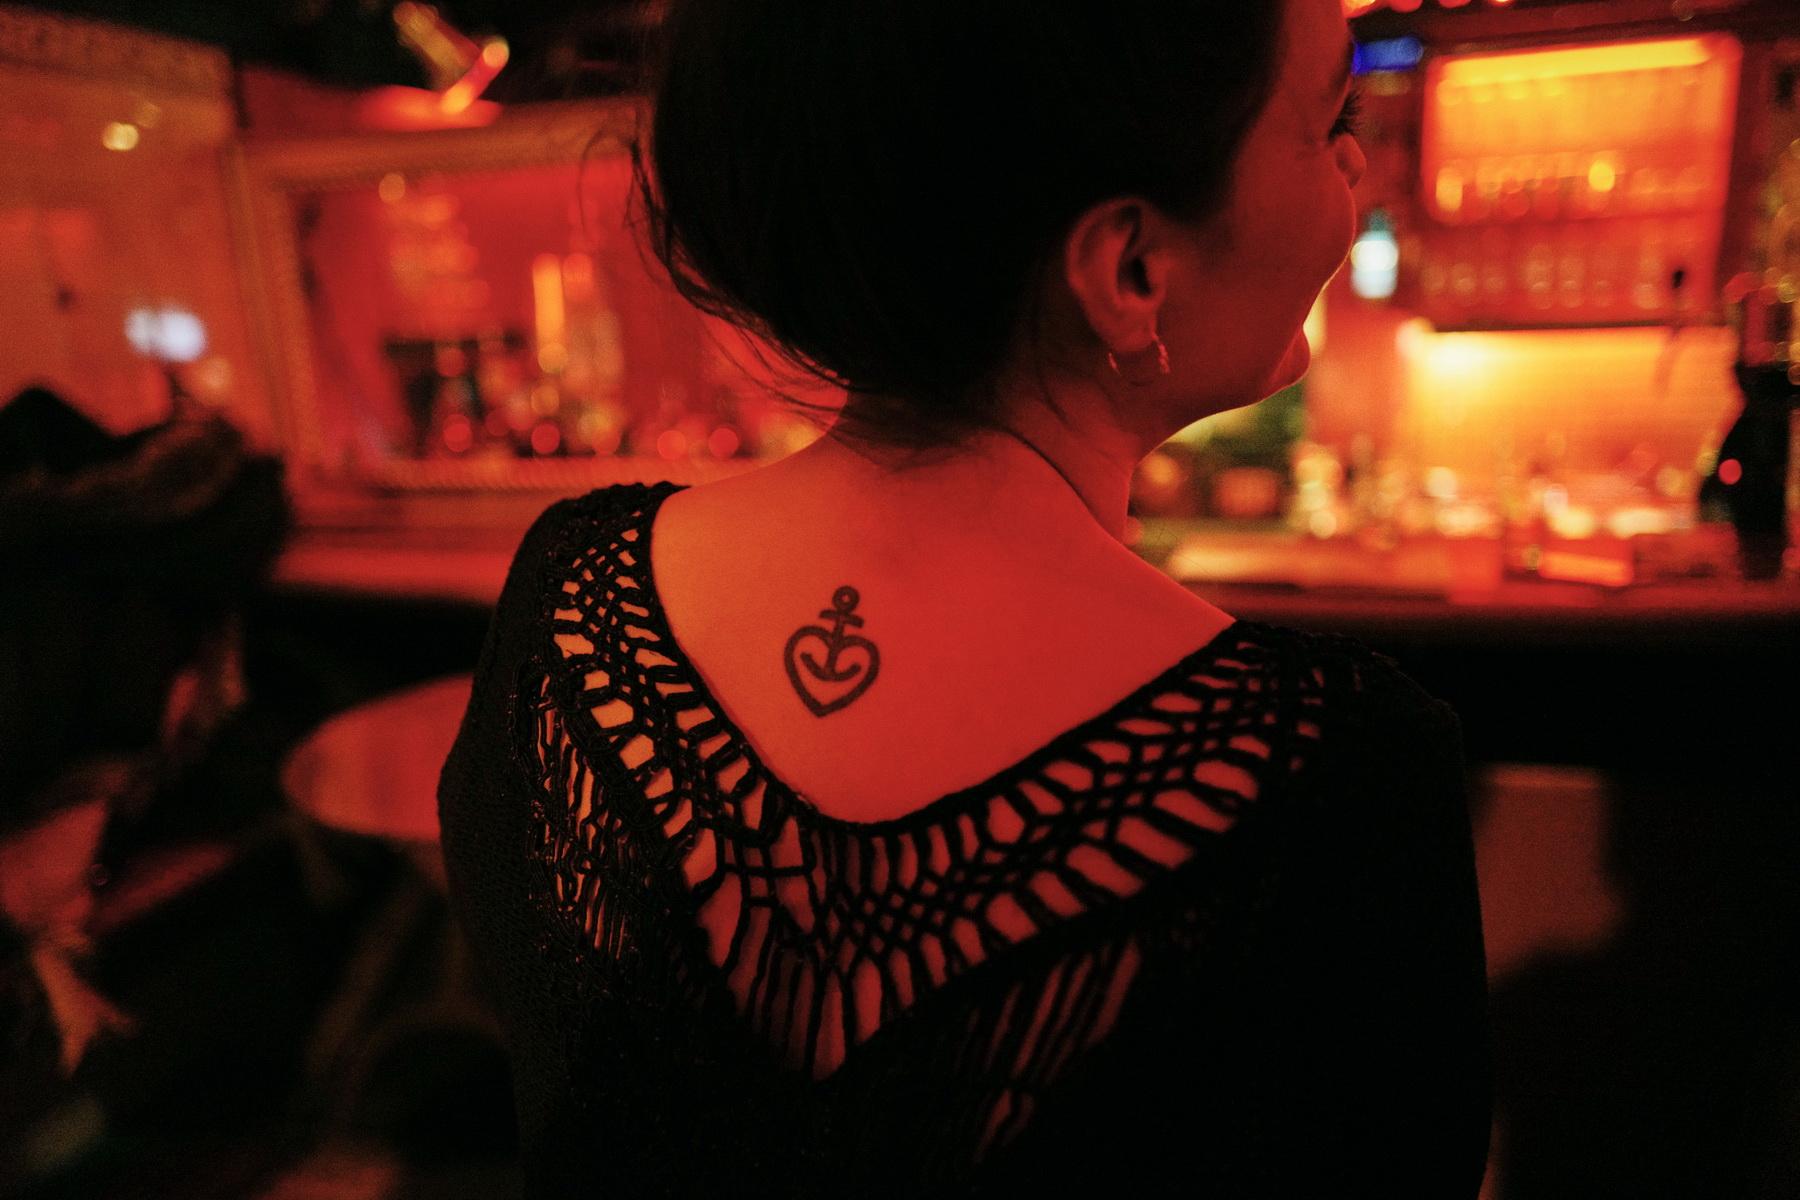 Geheimtipp Hamburg Essen & Trinken Bar Familieneck Ottensen Lisa Knauer 10